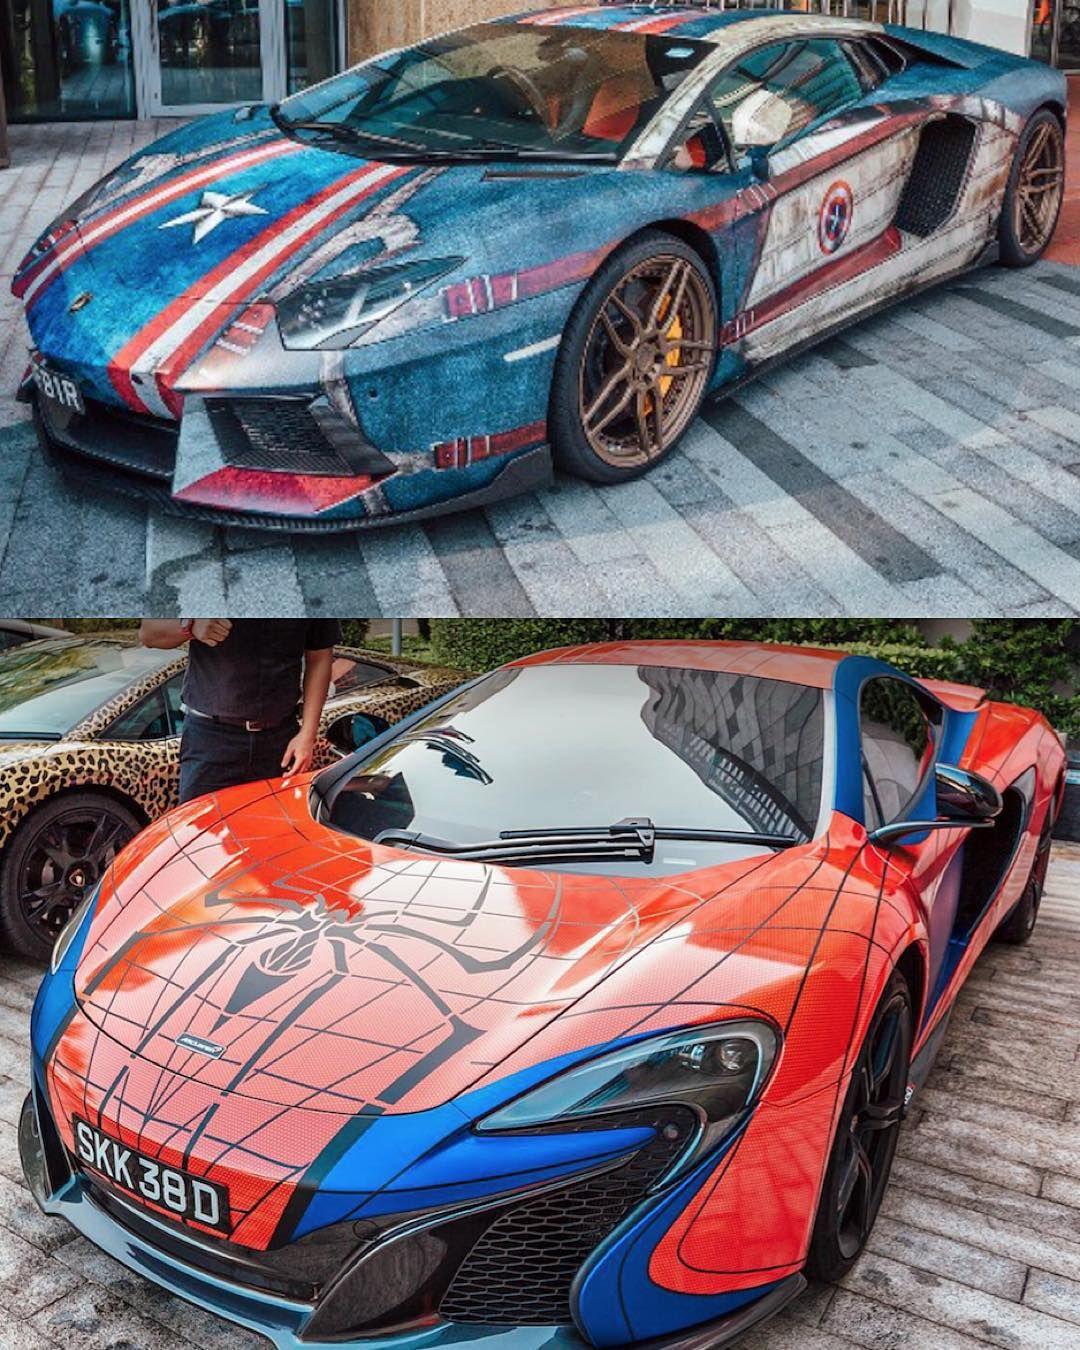 Captain America #Lamborghini Versus Spiderman #McLaren Who